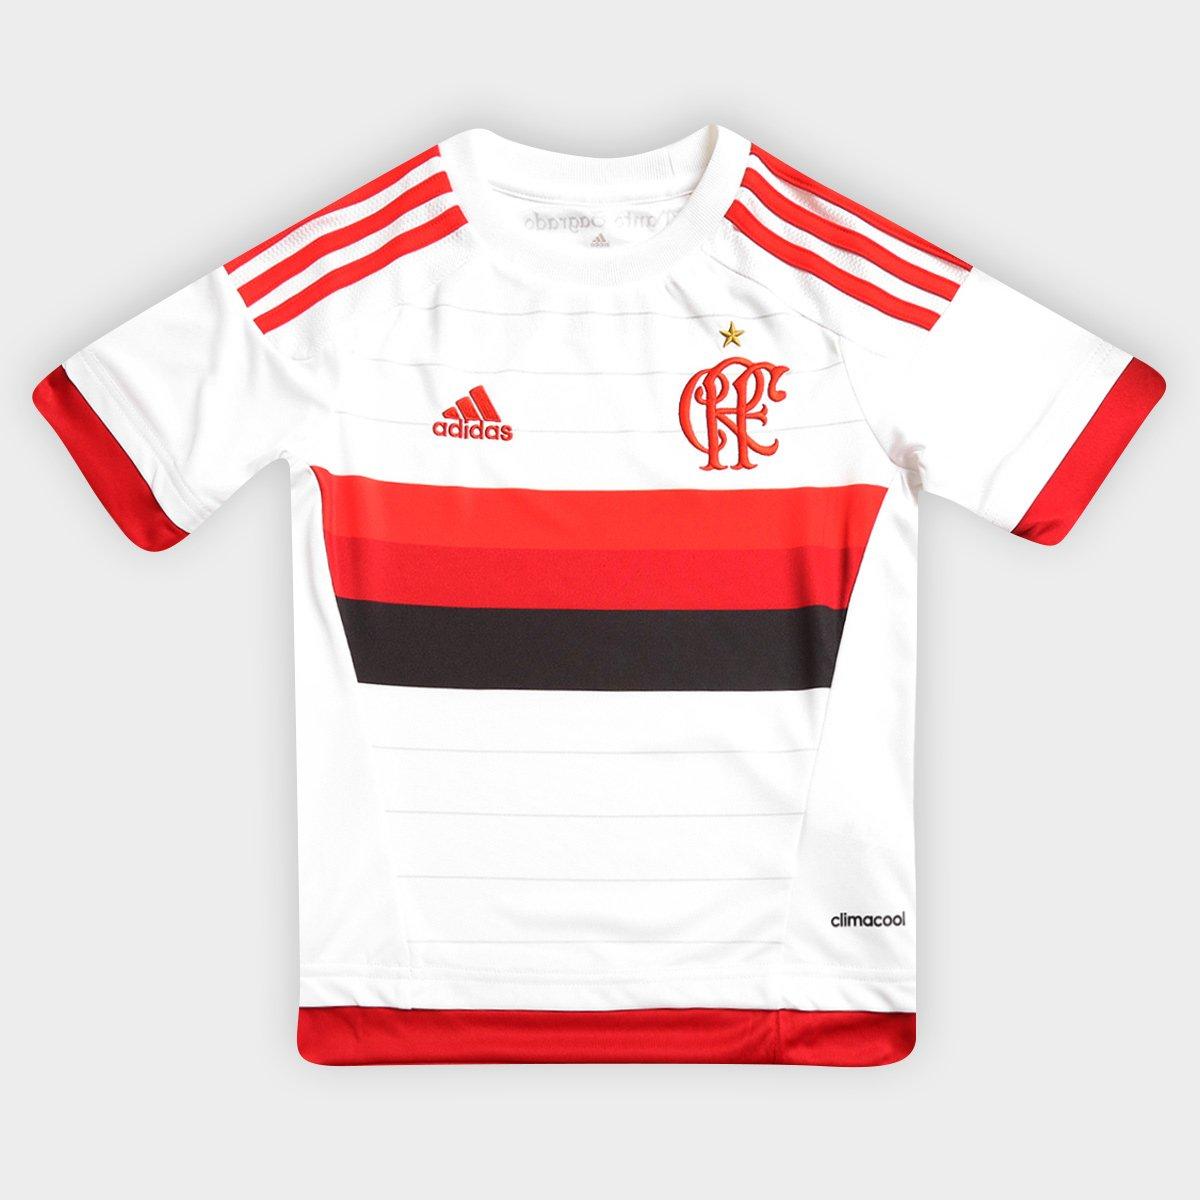 Camisa Adidas Flamengo II 15 16 s nº Infantil - Compre Agora  efd0b8560fac7